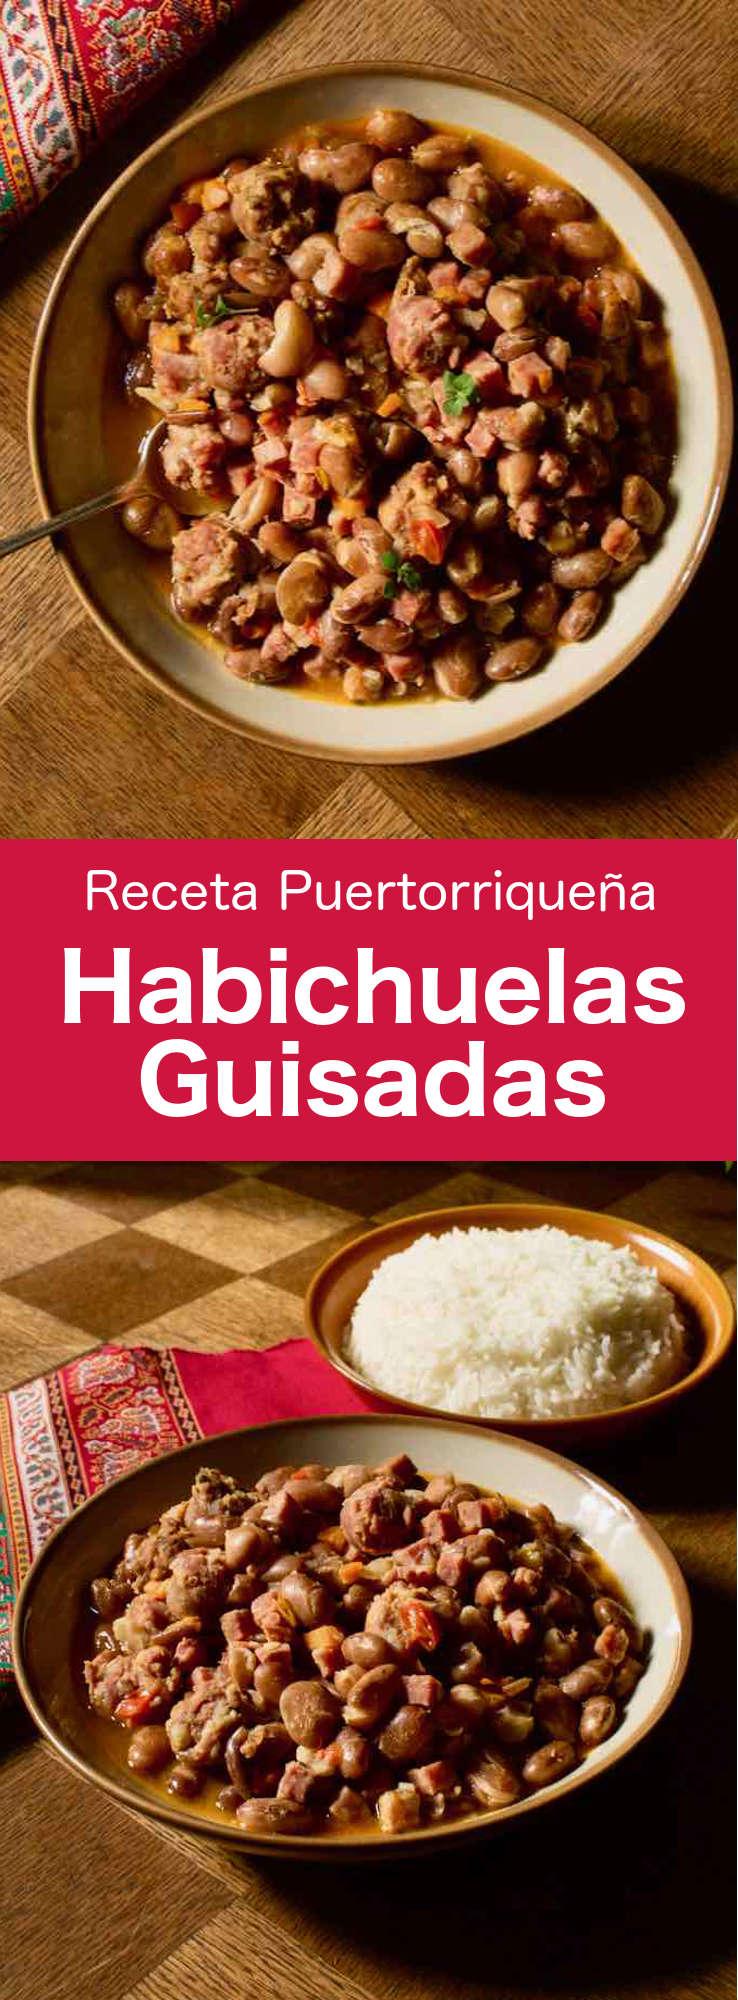 Las habichuelas guisadas son un delicioso guiso tradicional puertorriqueño hecho con frijoles pintos, cerdo y sofrito.